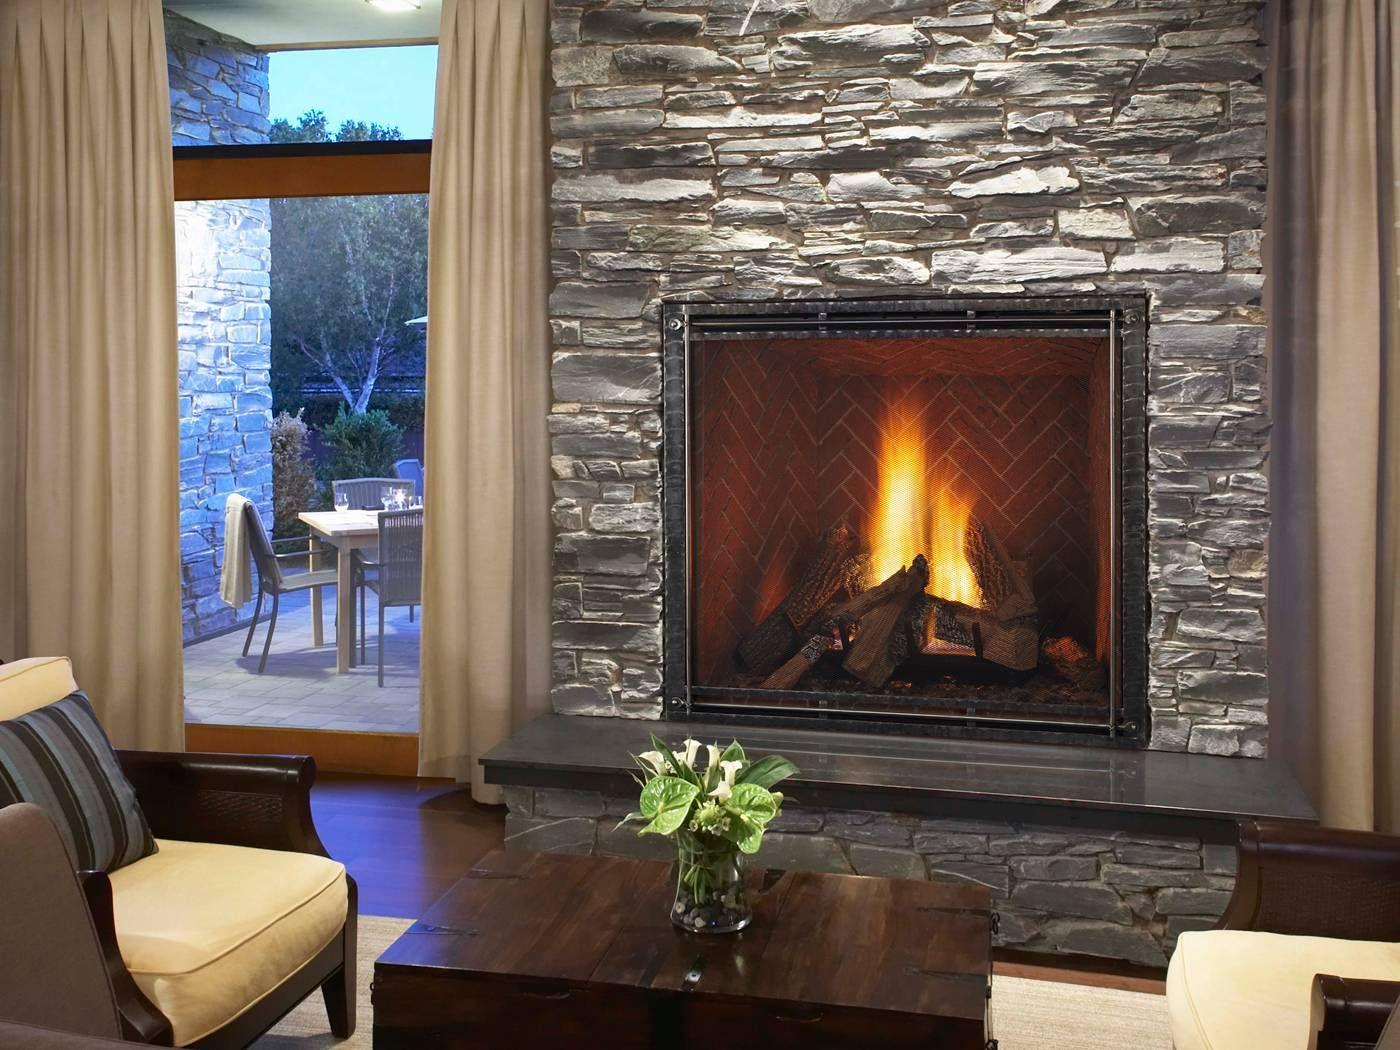 Huge Fireplace Best Of True Fireplace by Heat N Glo Huge Fire Box for Maximum